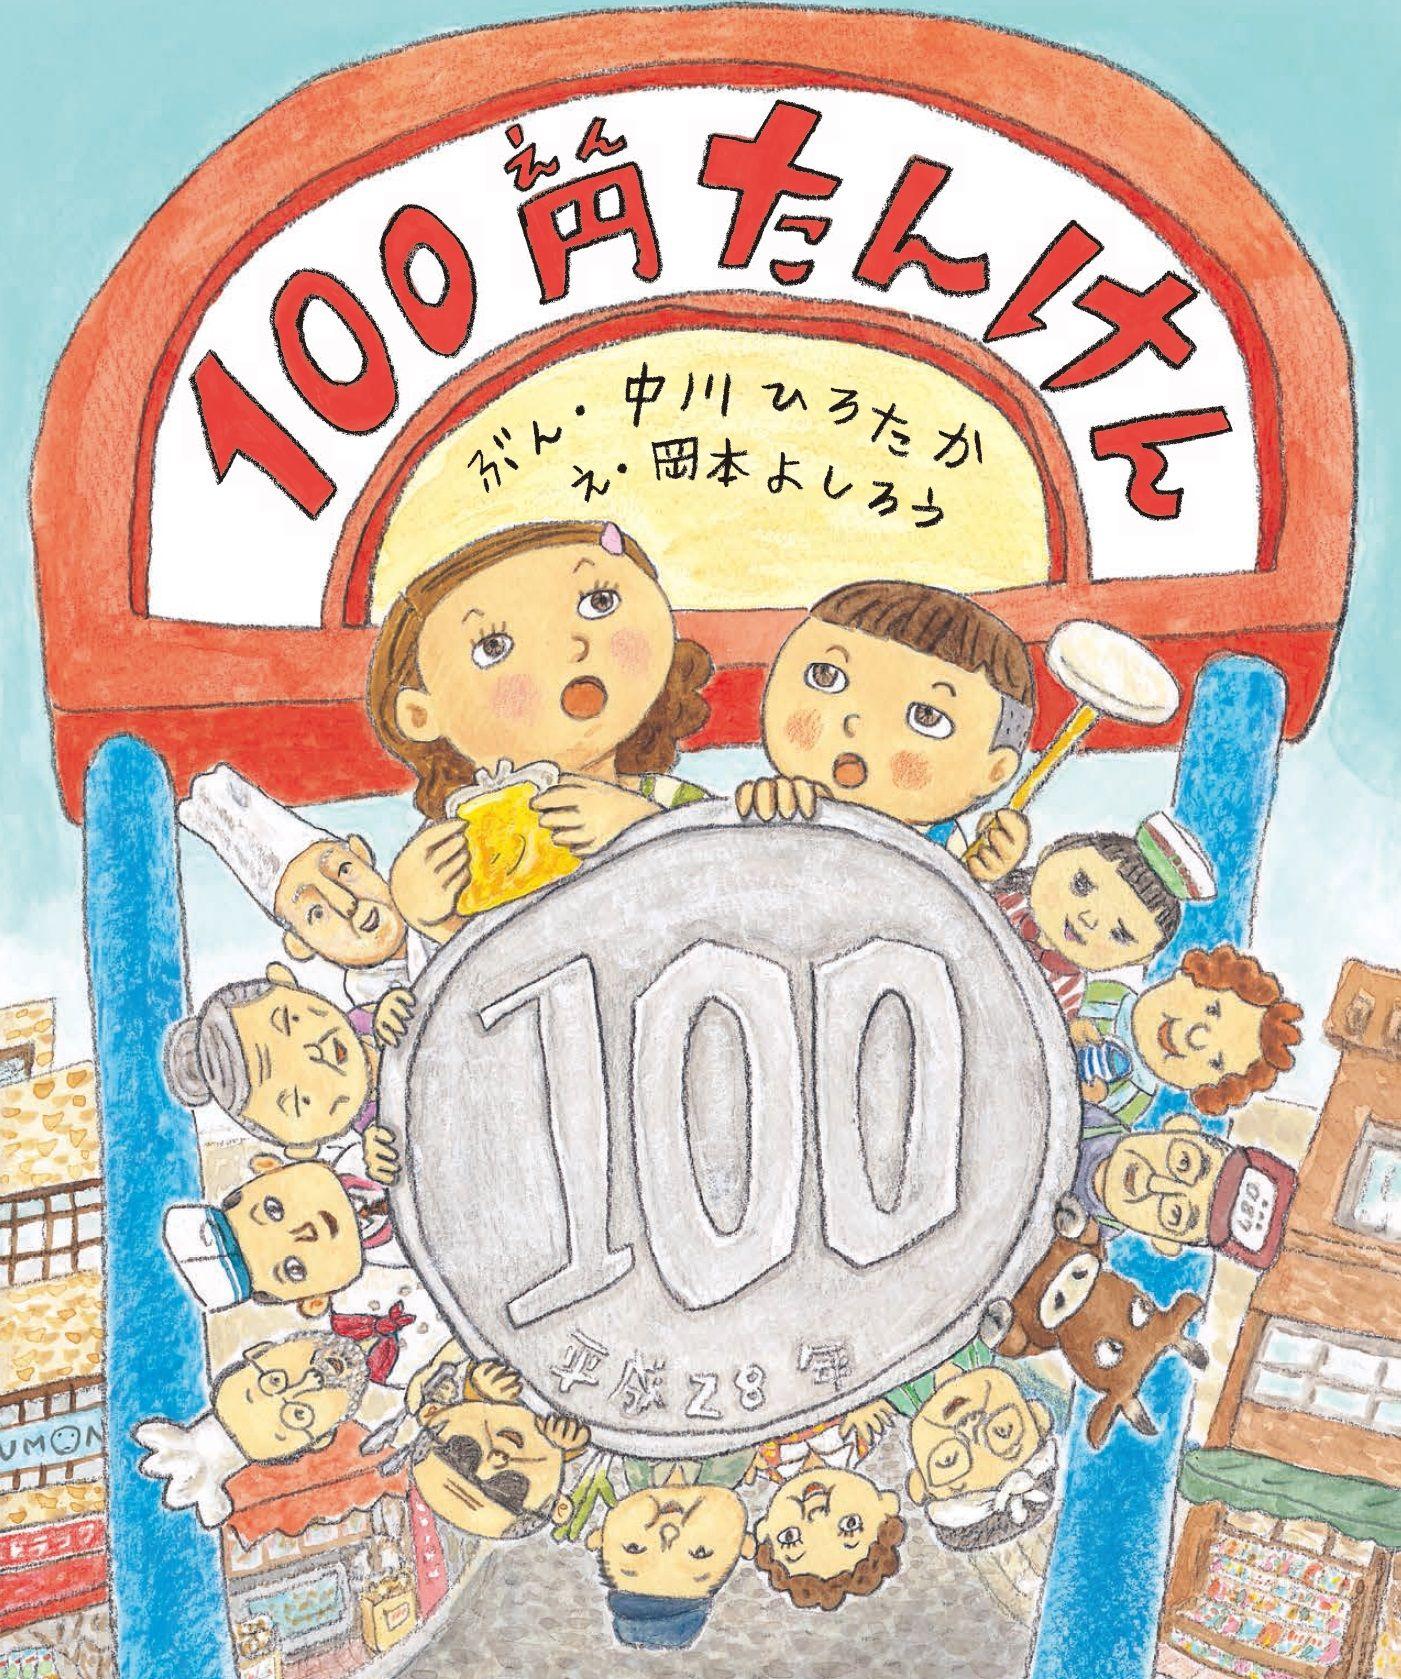 絵本「100円たんけん」の表紙